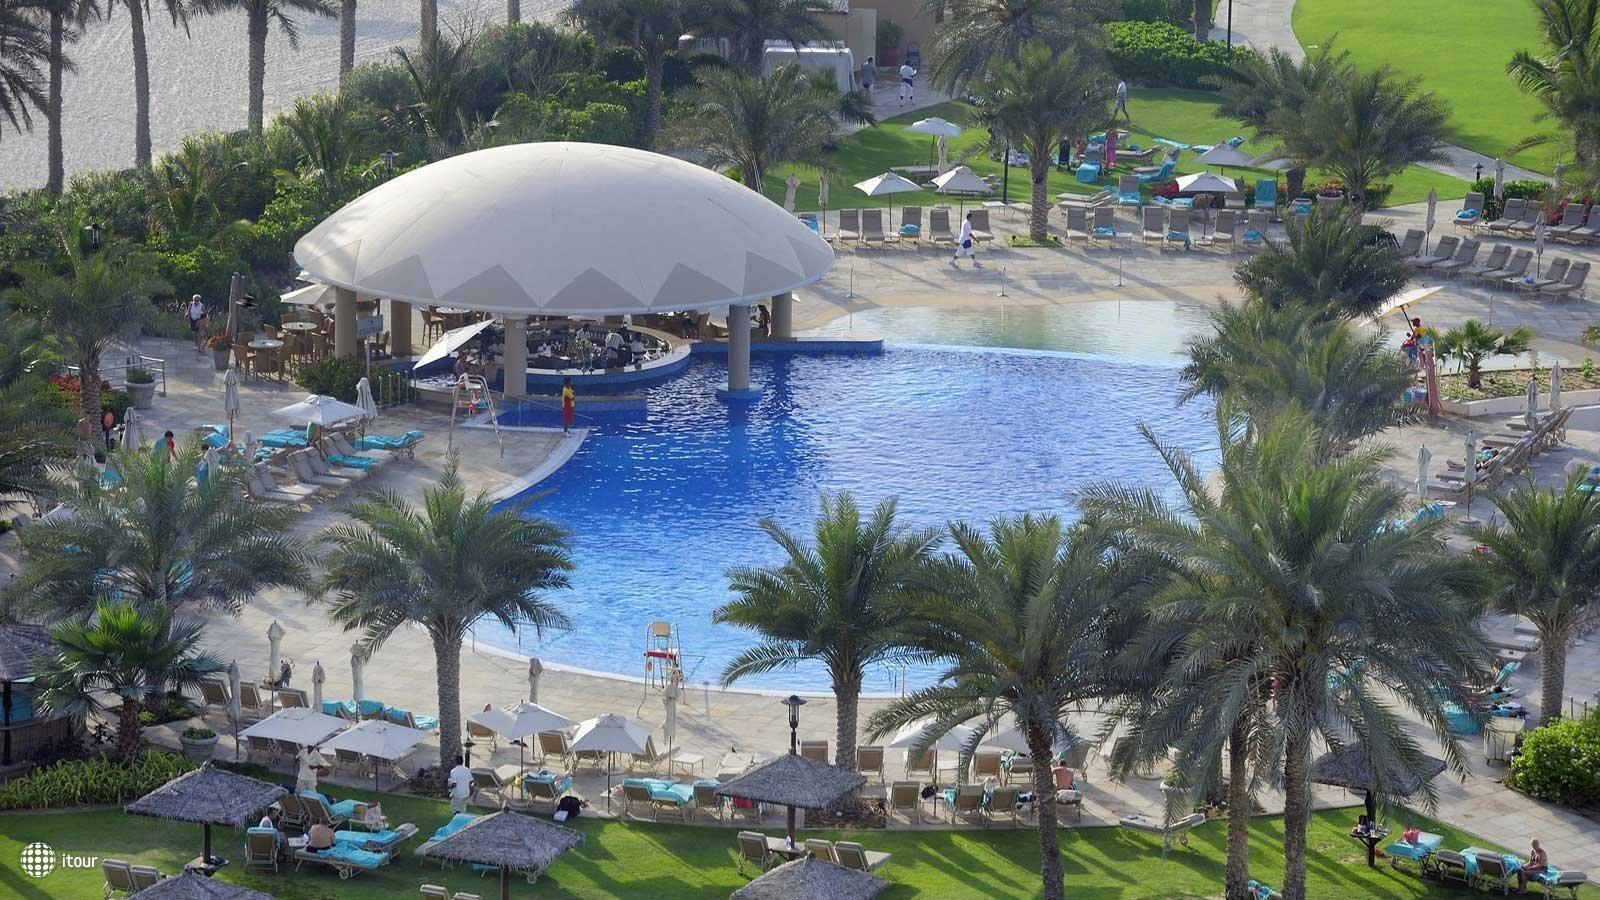 Le Royal Meridien Beach Resort & Spa 2